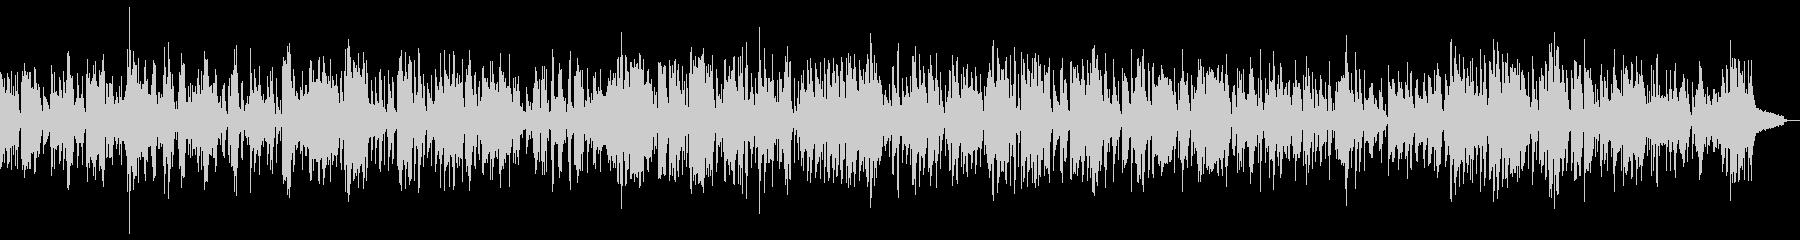 SAXソロの落ち着いたスロージャズの未再生の波形